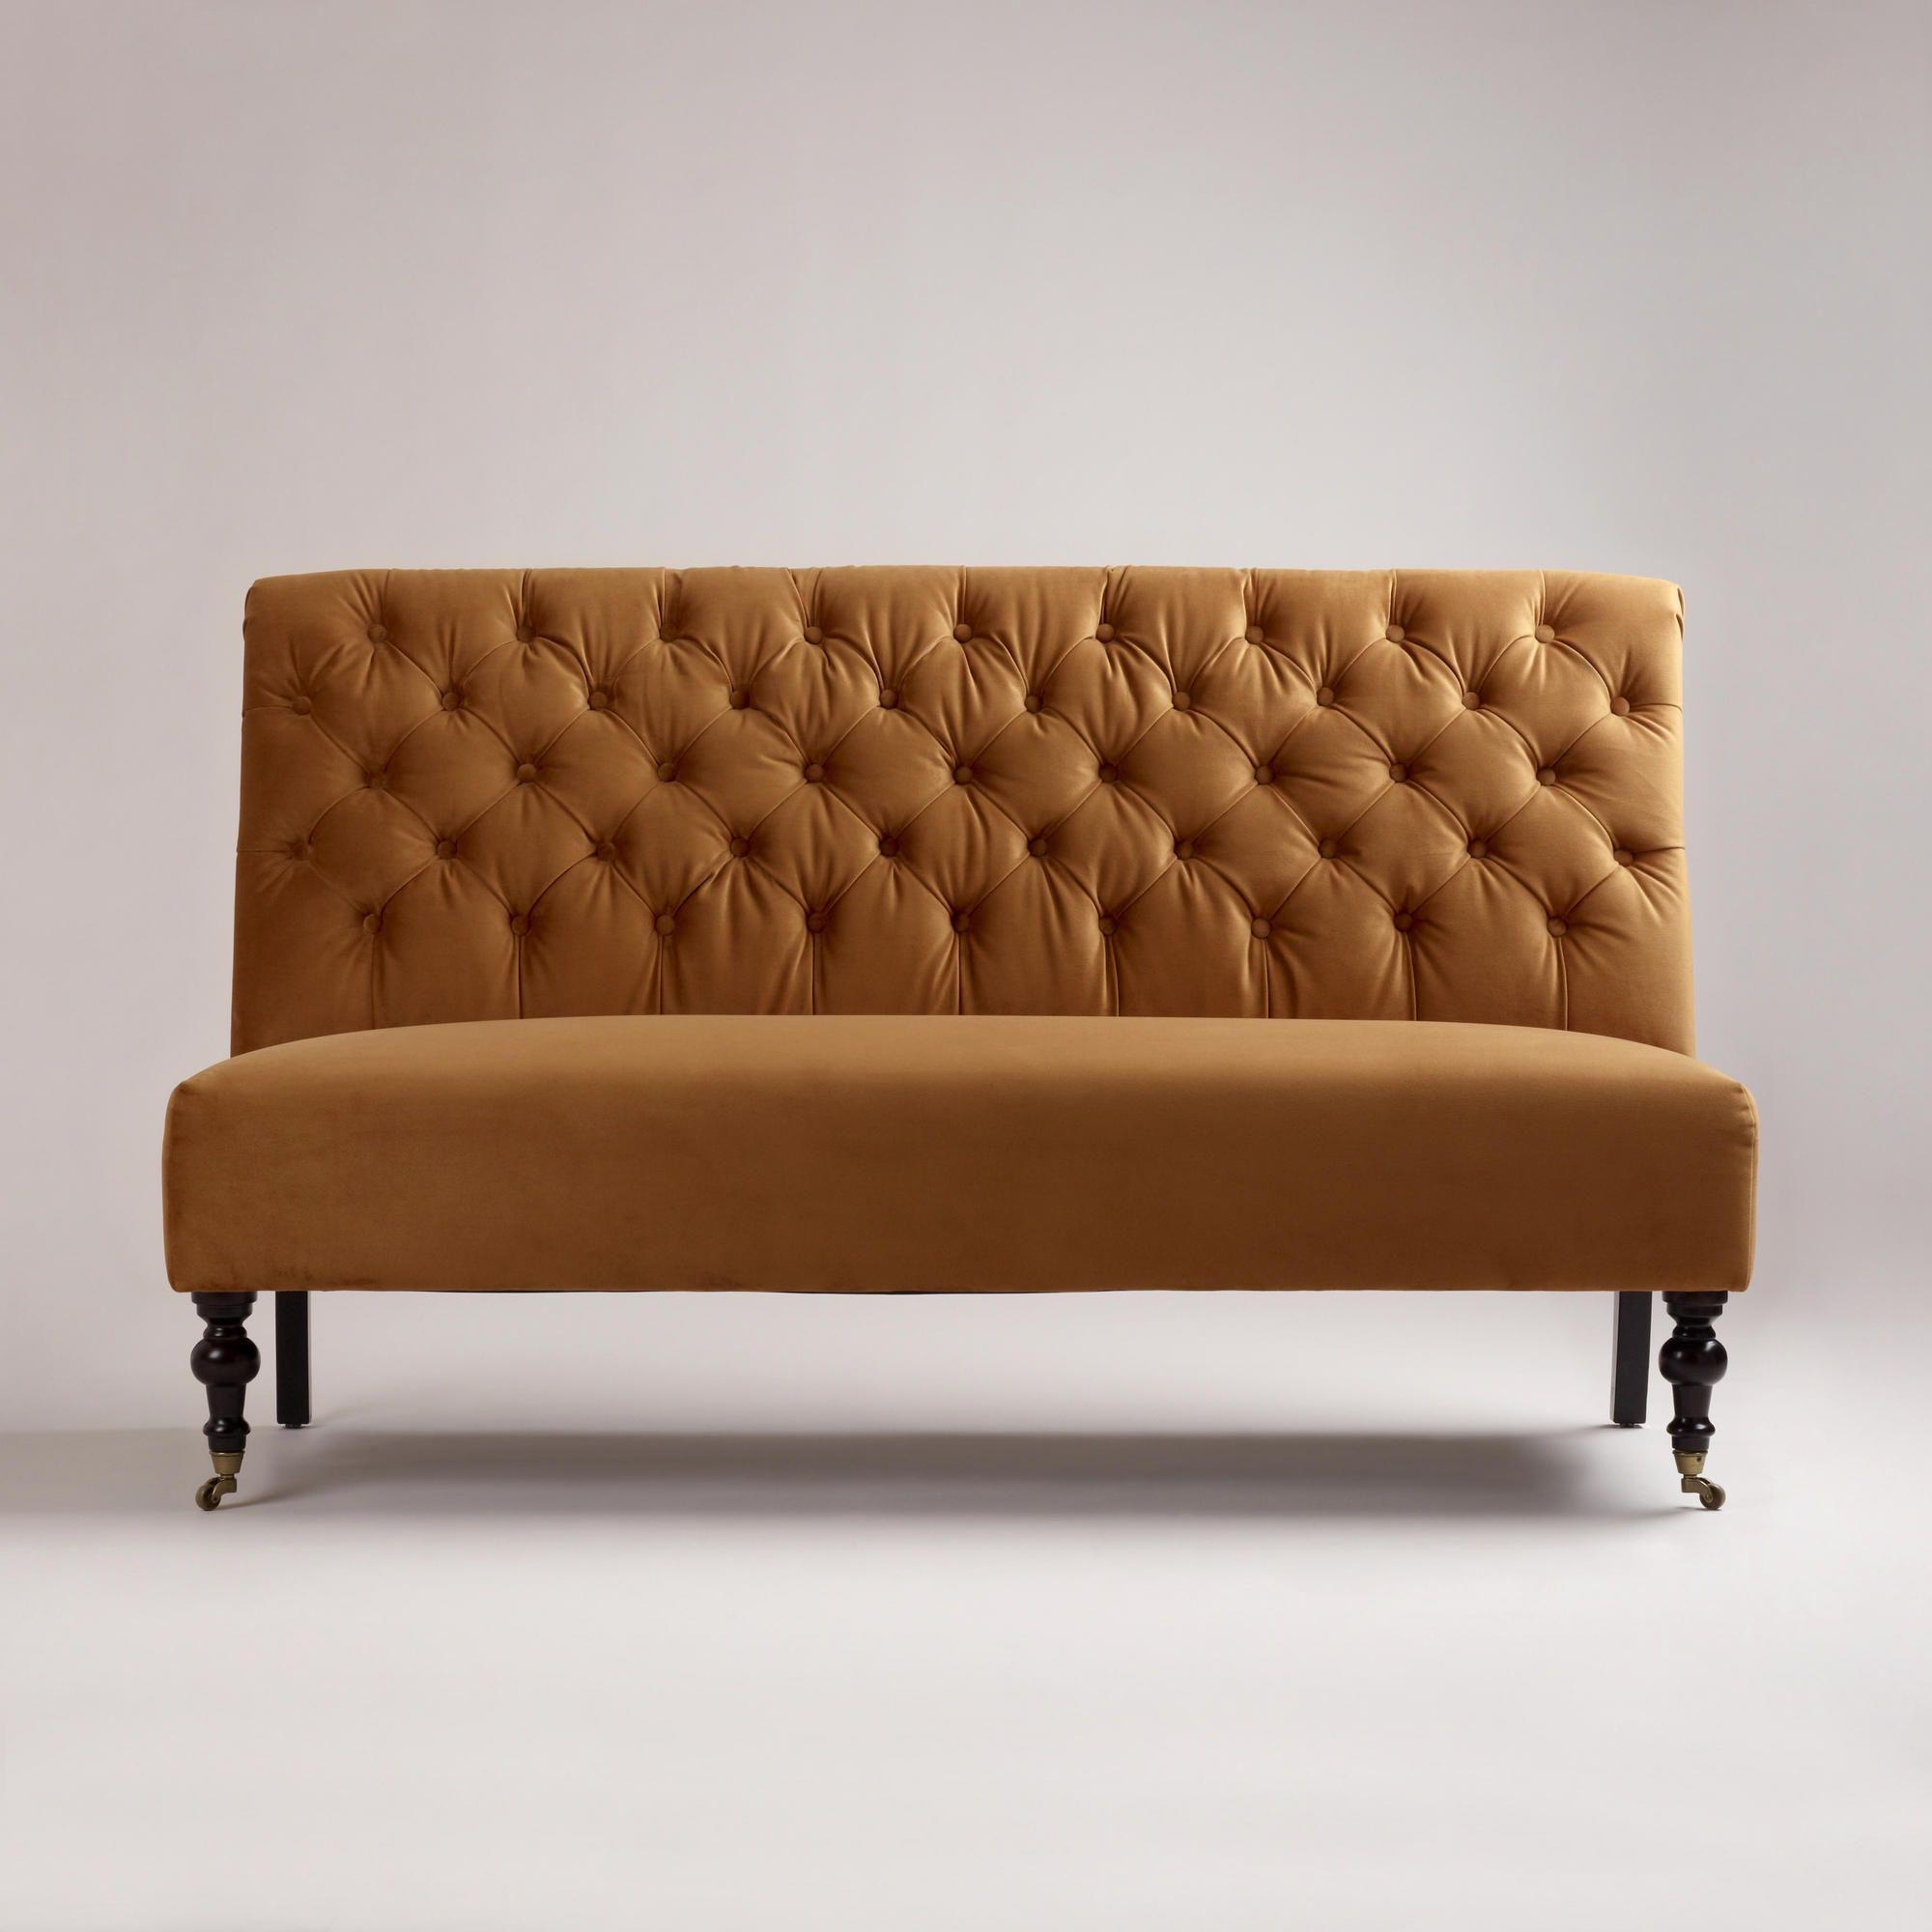 Merveilleux Sofa With No Back